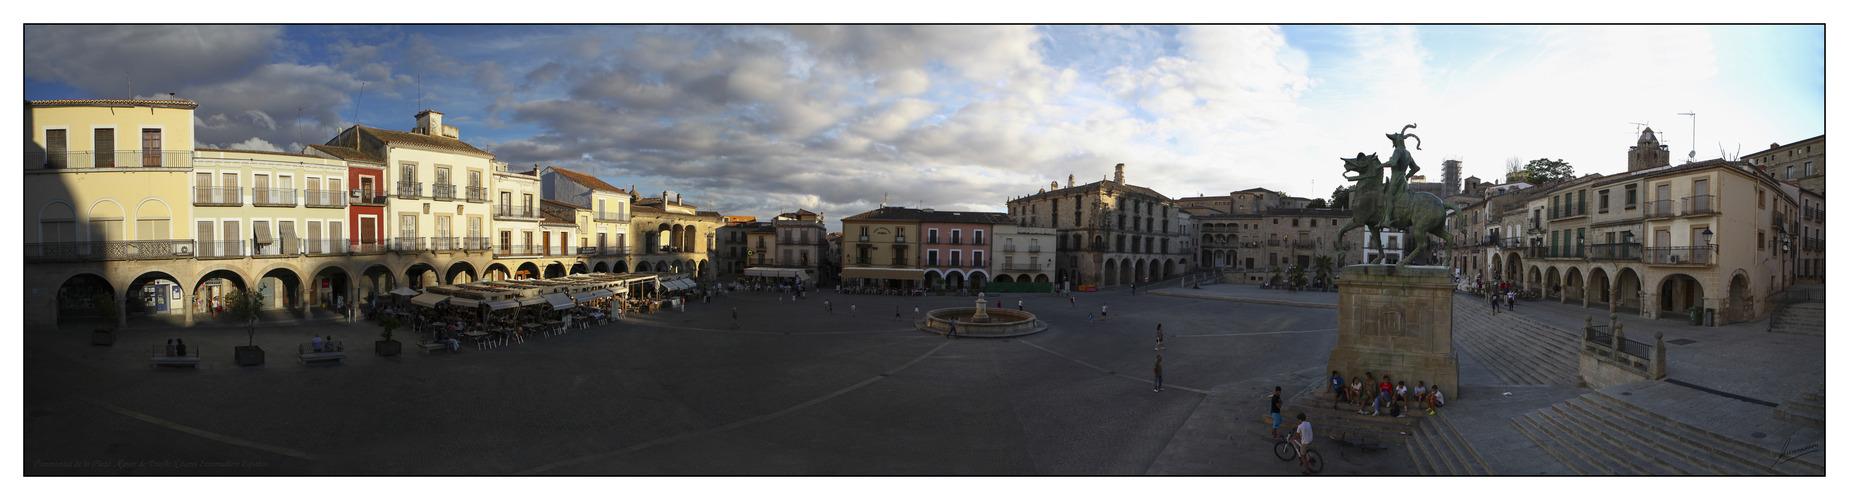 Panorámica de la Plaza Mayor de Trujillo (Cáceres Extremadura España)